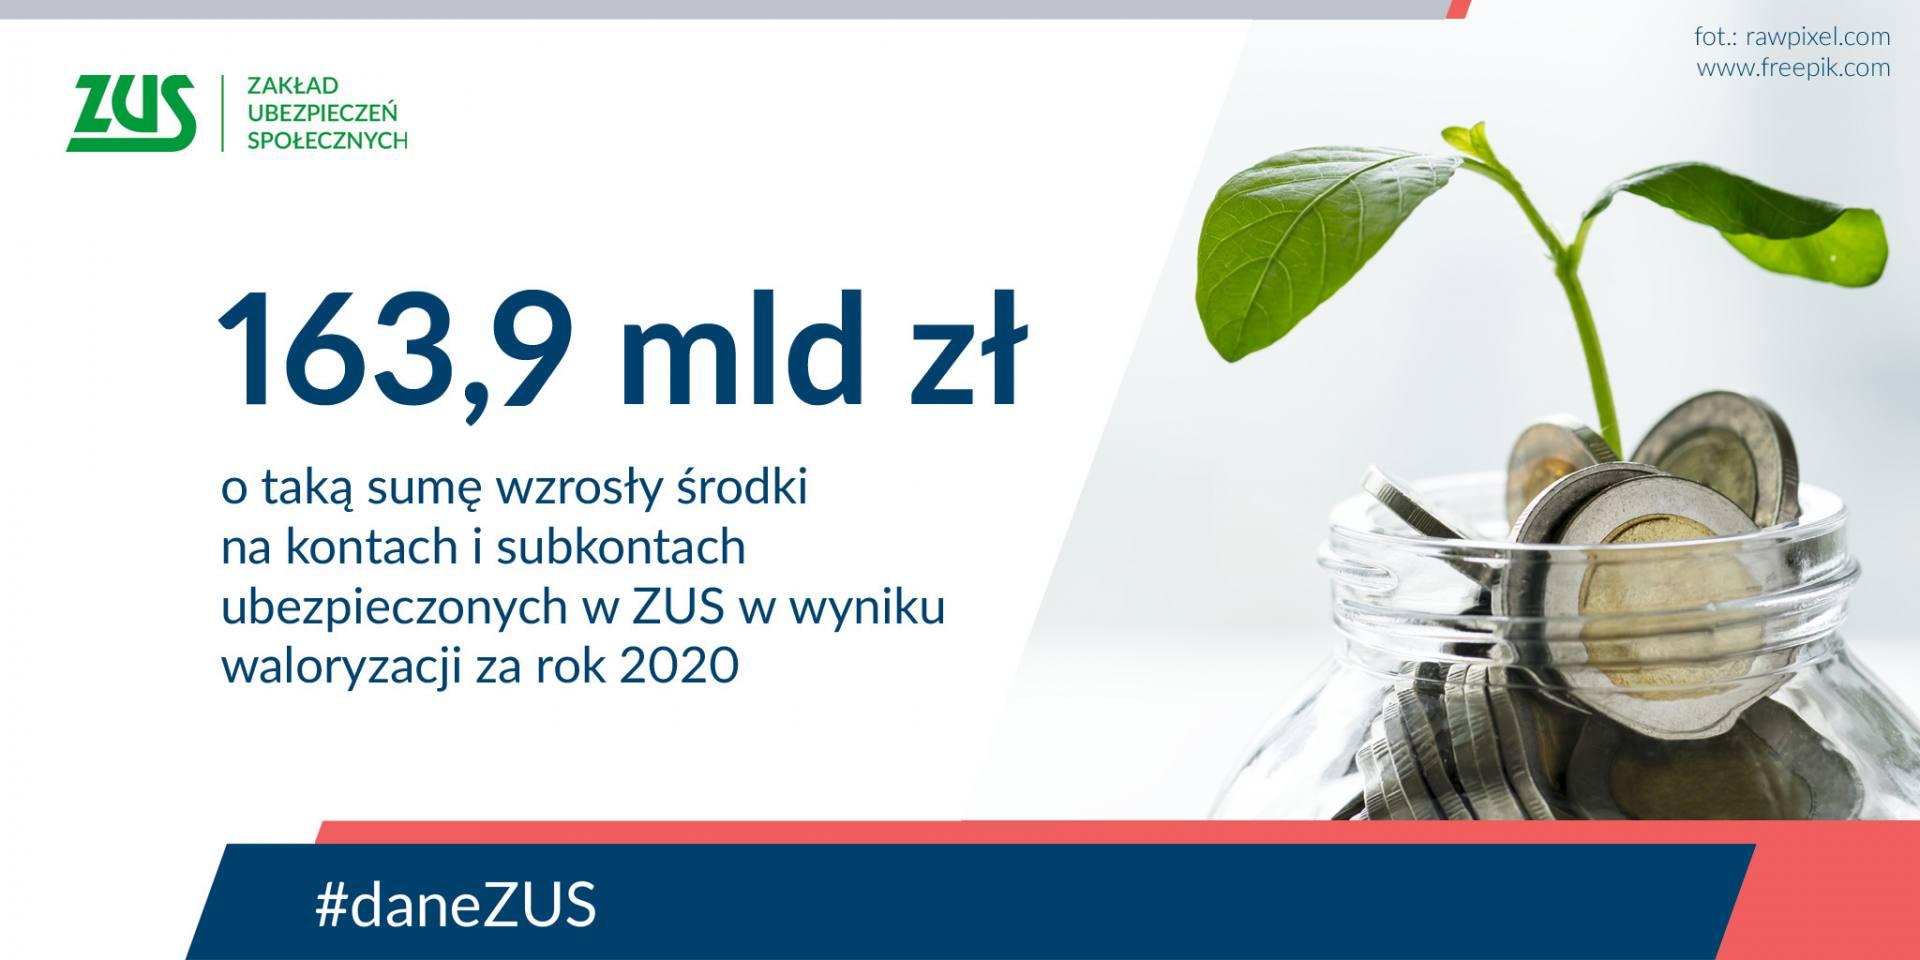 2021 06 16waloryzacjaza2020 Miliardy dodane do kont ubezpieczonych w ZUS